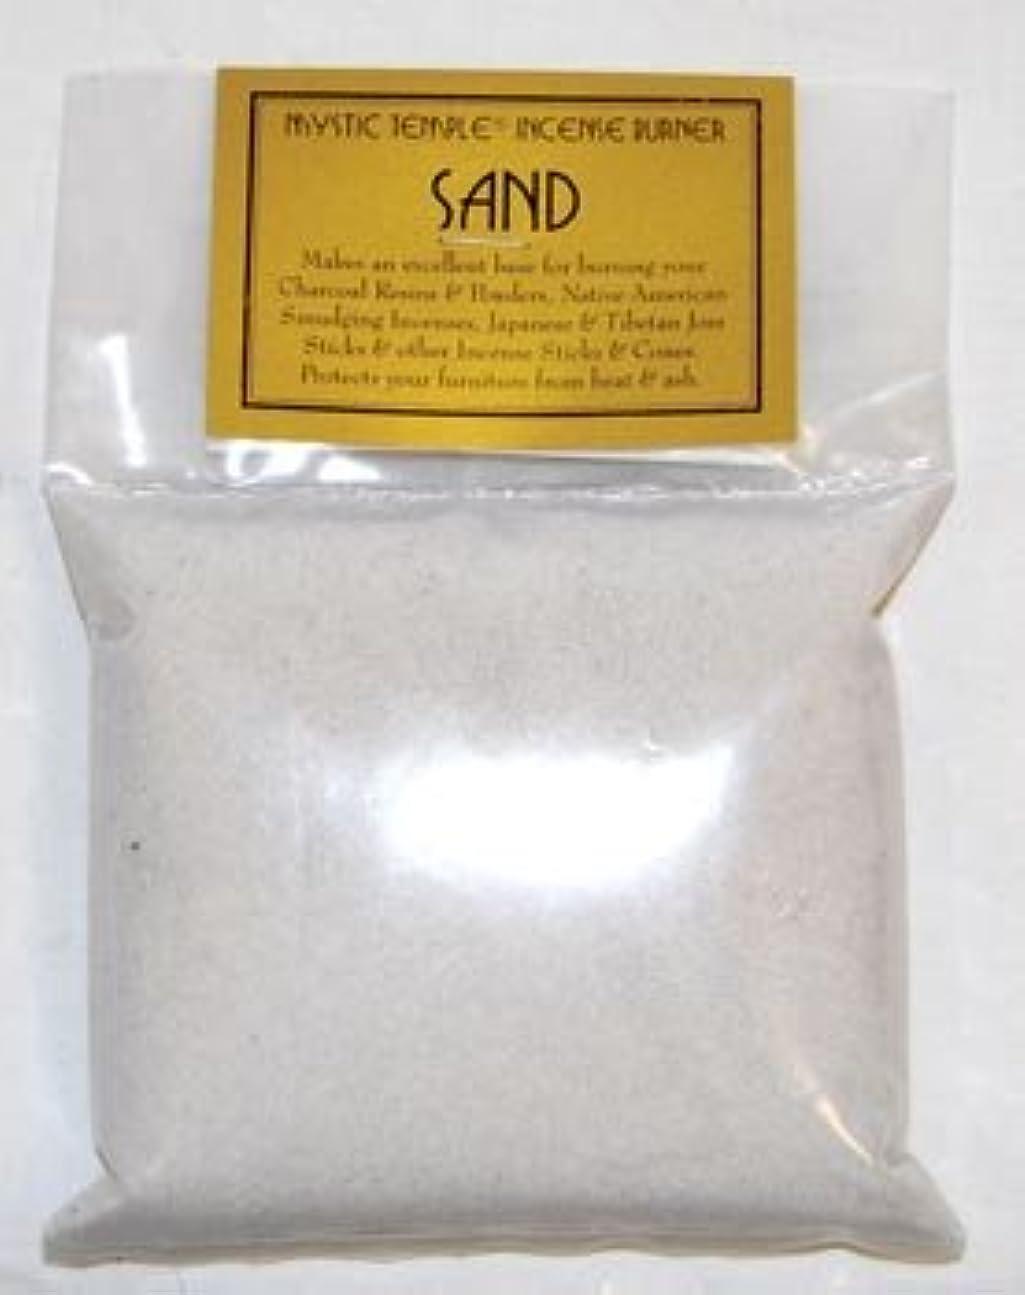 所有権イタリック渦新しい1lbホワイト香炉砂( Incense Burners、チャコール、アクセサリー